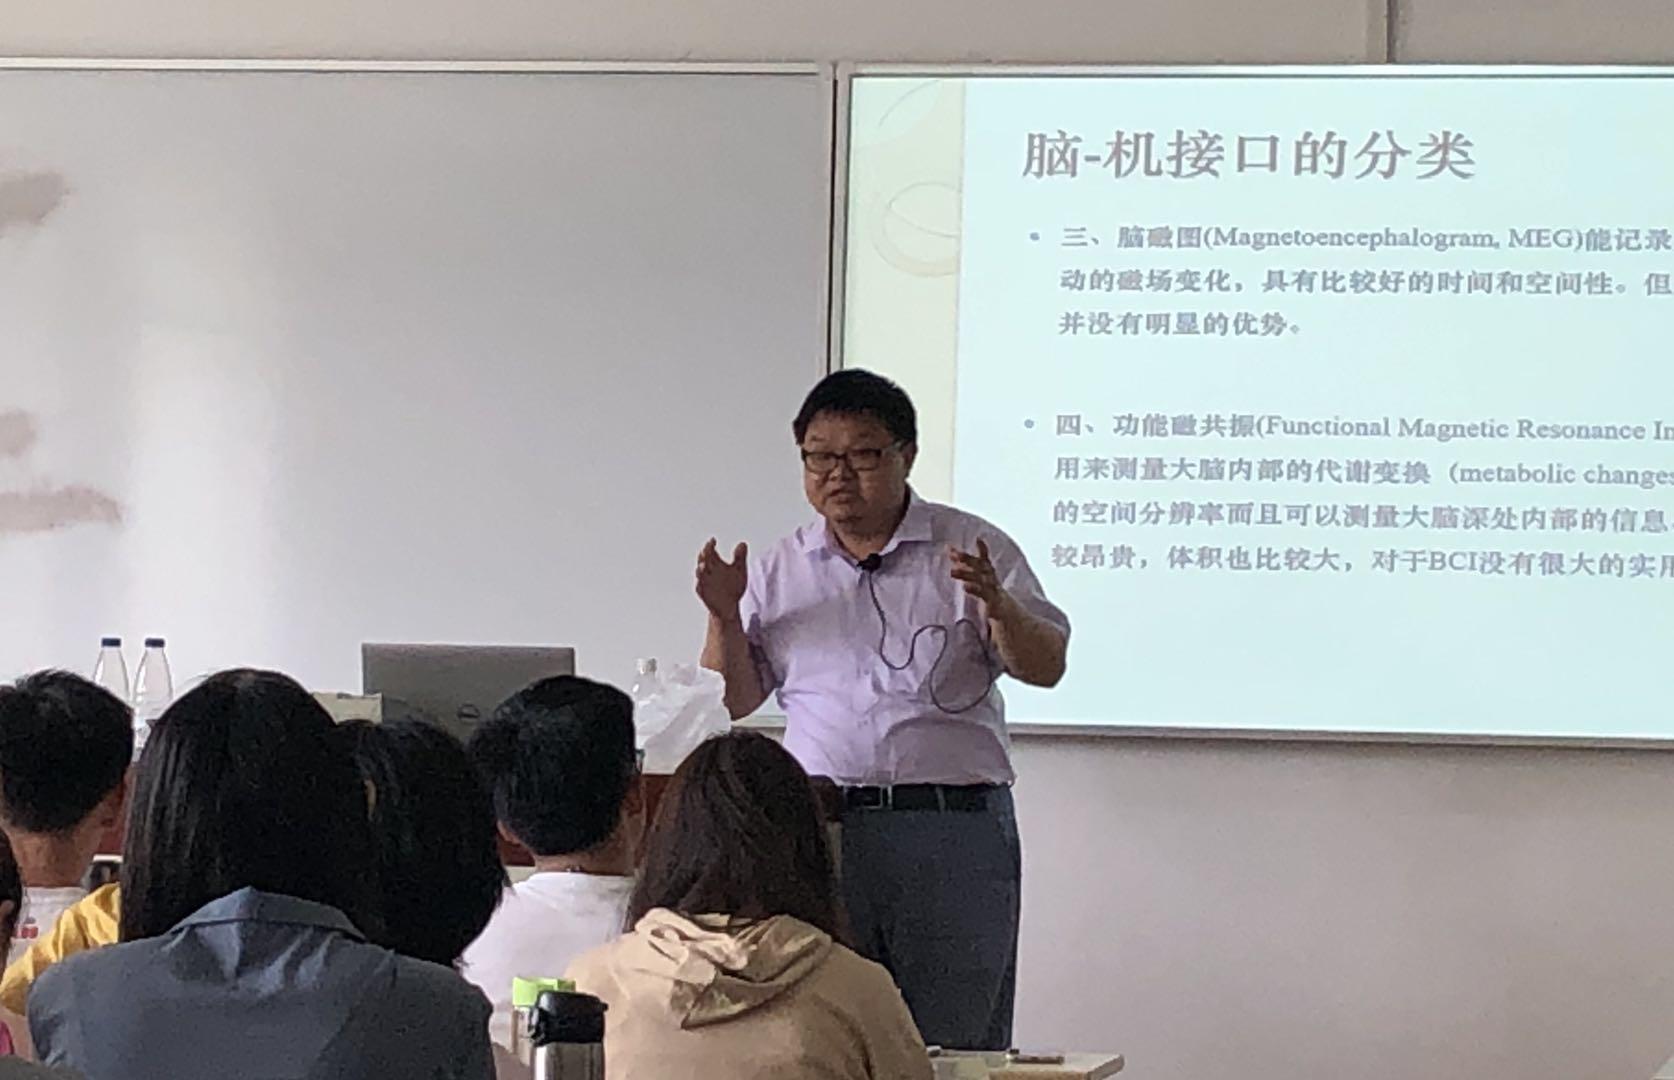 金研晶视频_华东理工大学金晶教授为暑期学校学员讲授精品课程